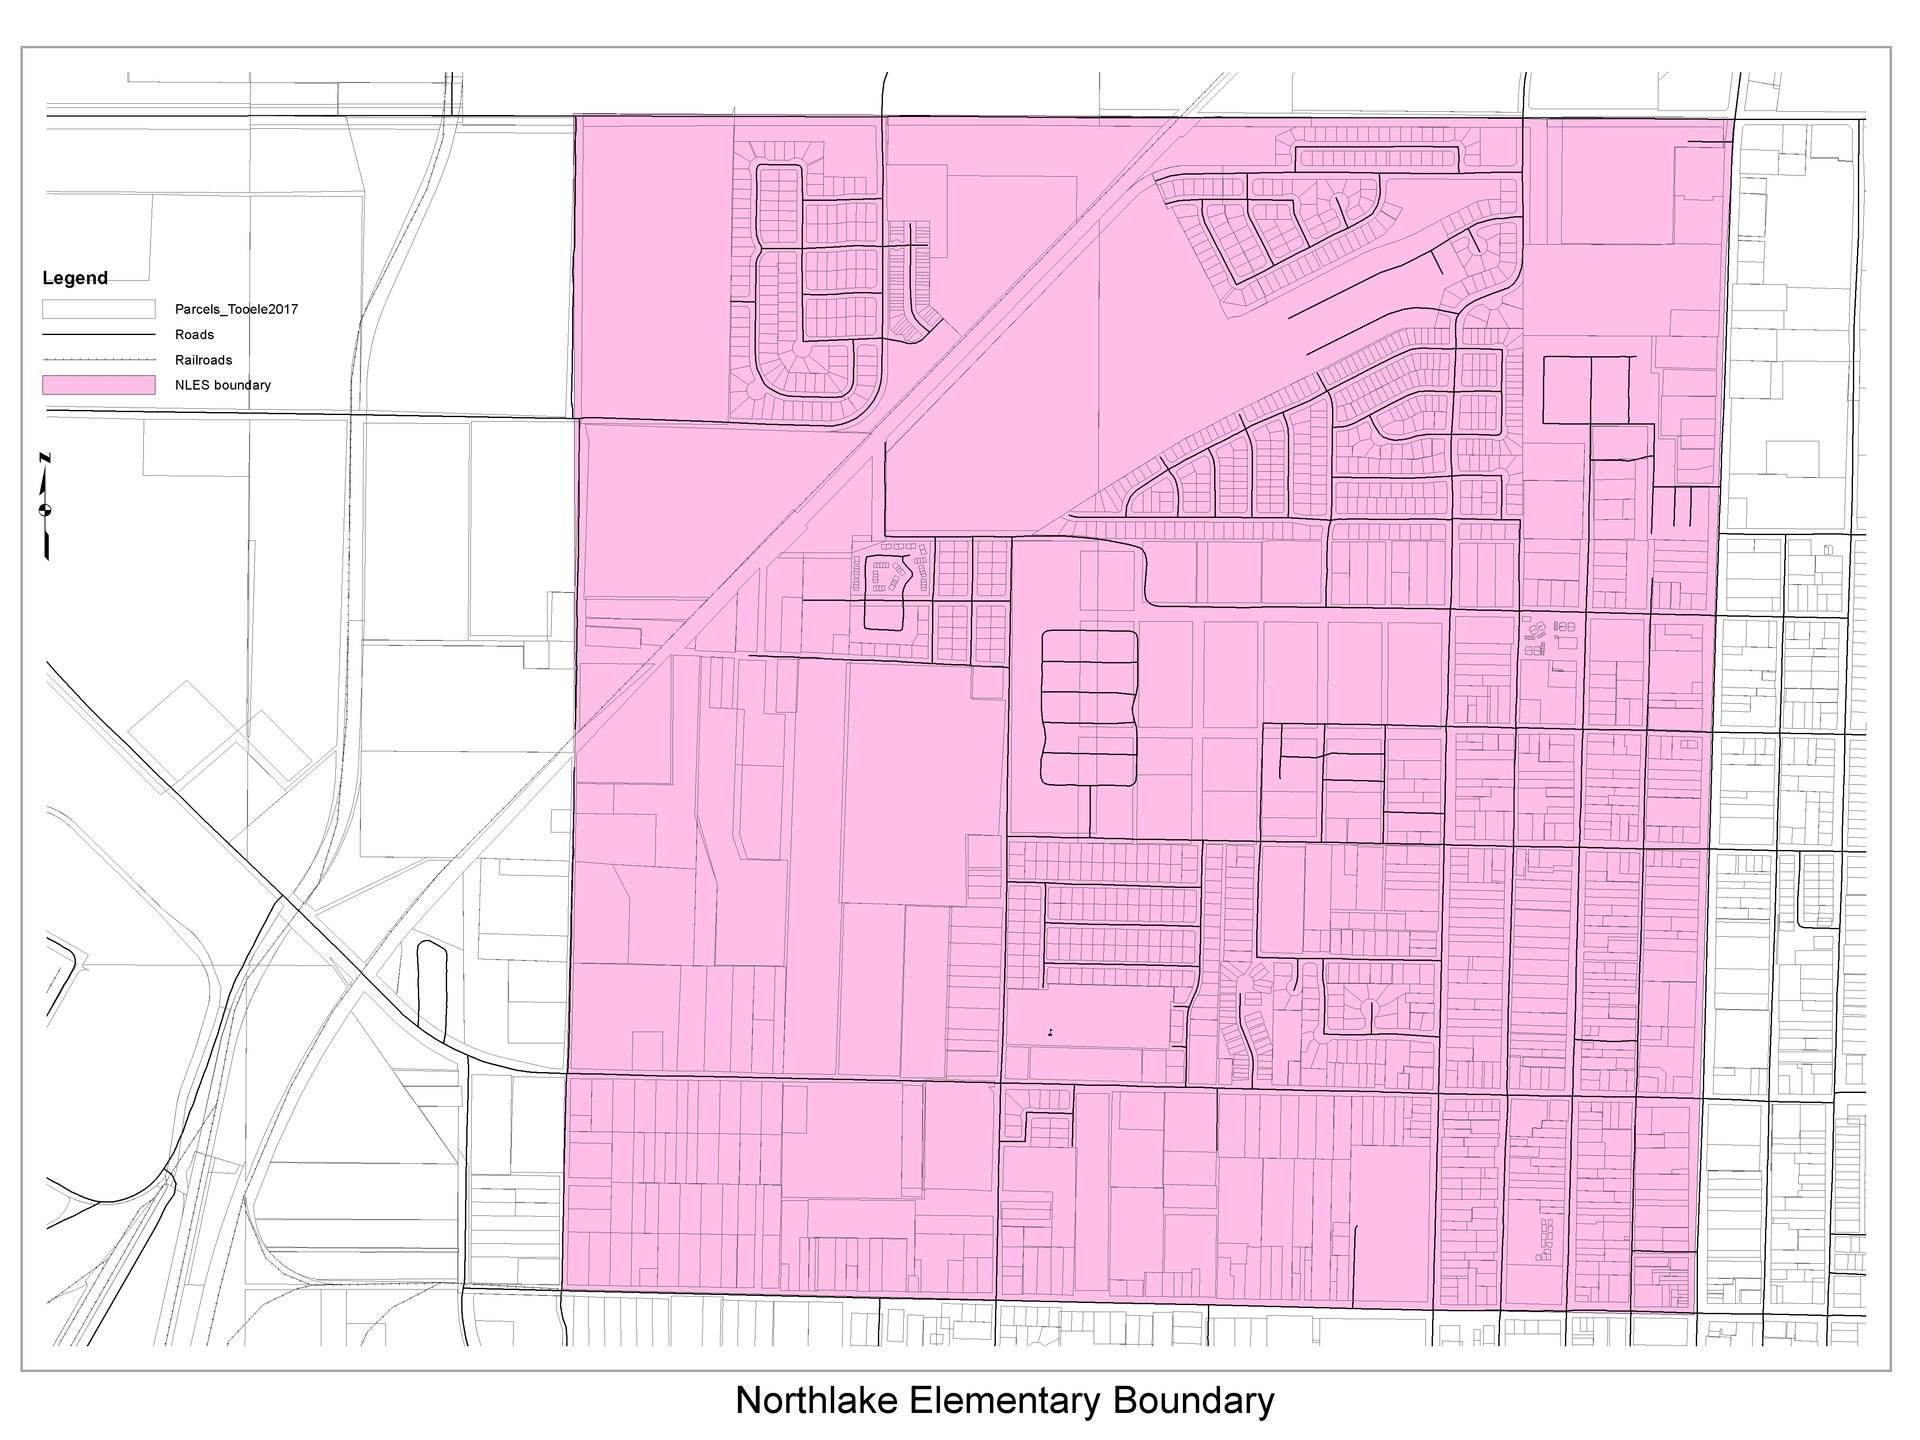 Northlake Elementary School boundary